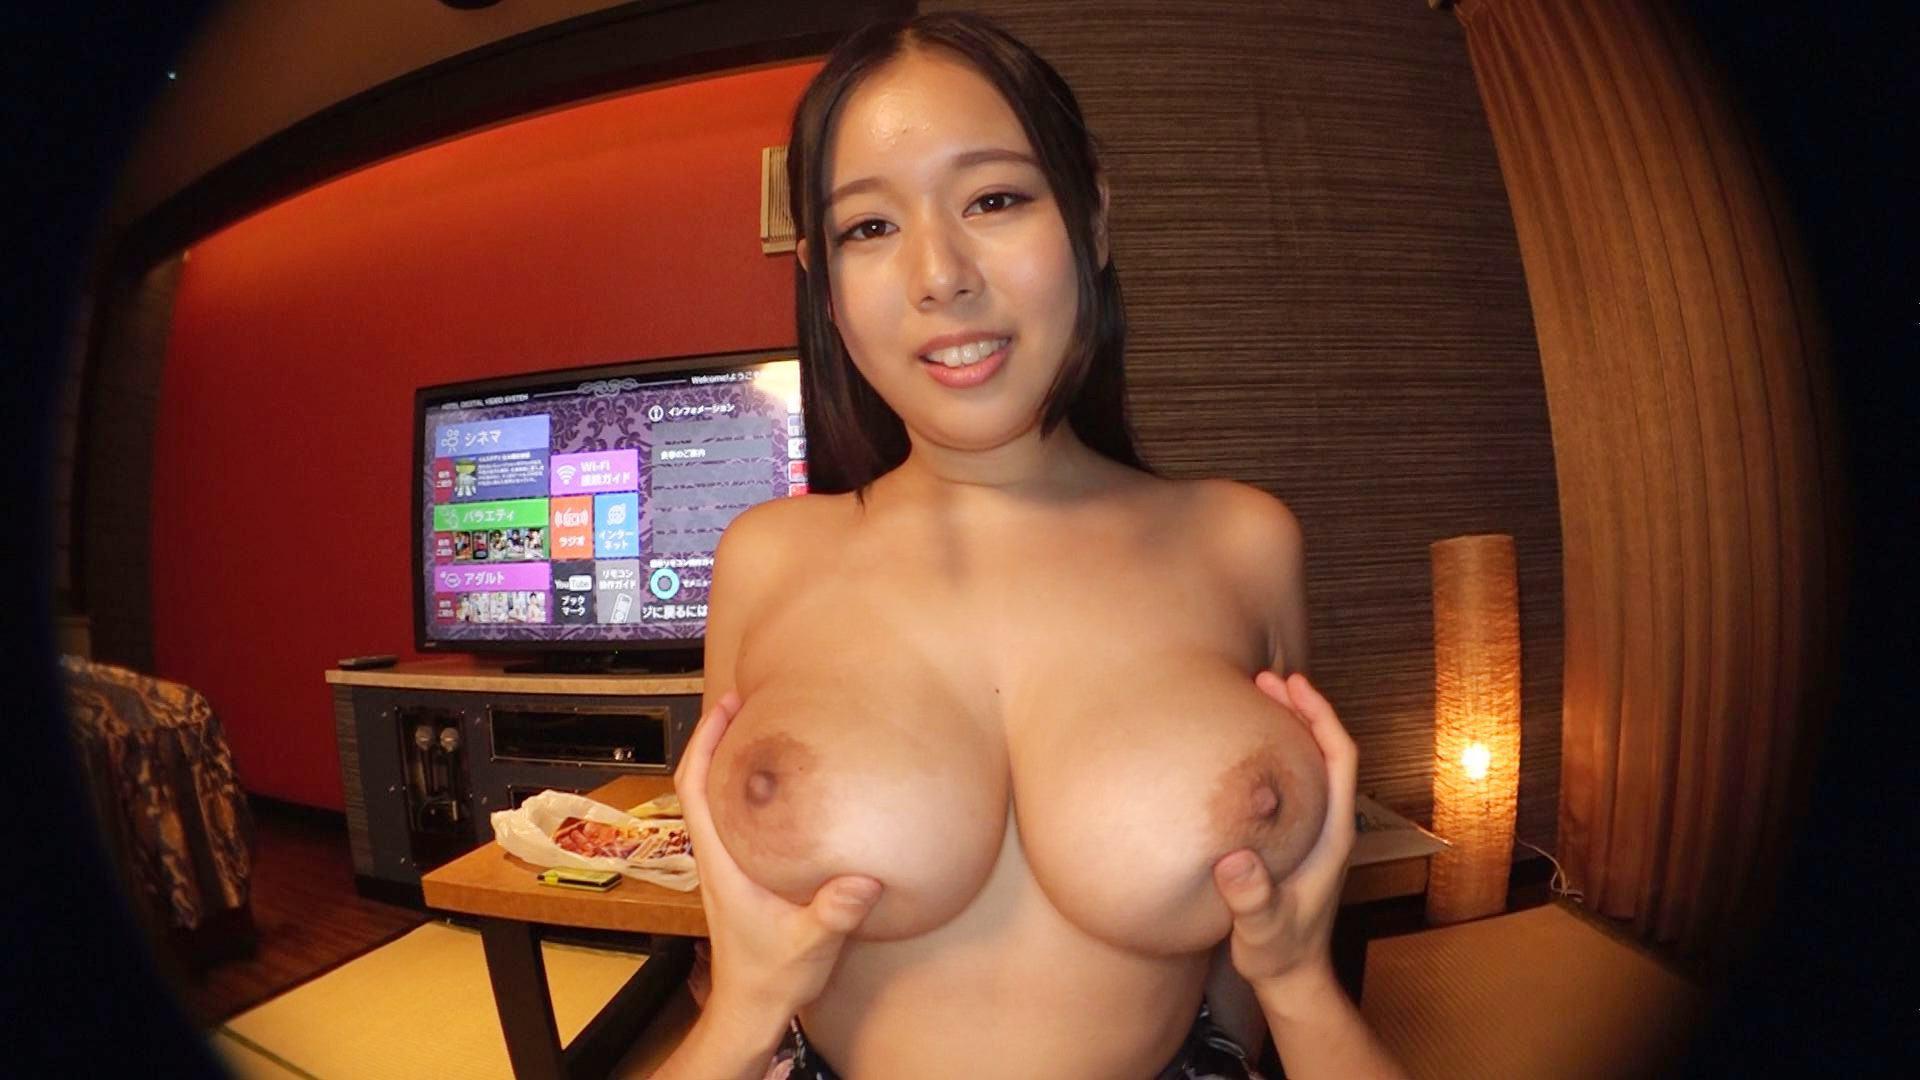 人気AV女優・塚田詩織ちゃんの「プライベートおっパブ」でJカップ爆乳を揉まれているエロ画像